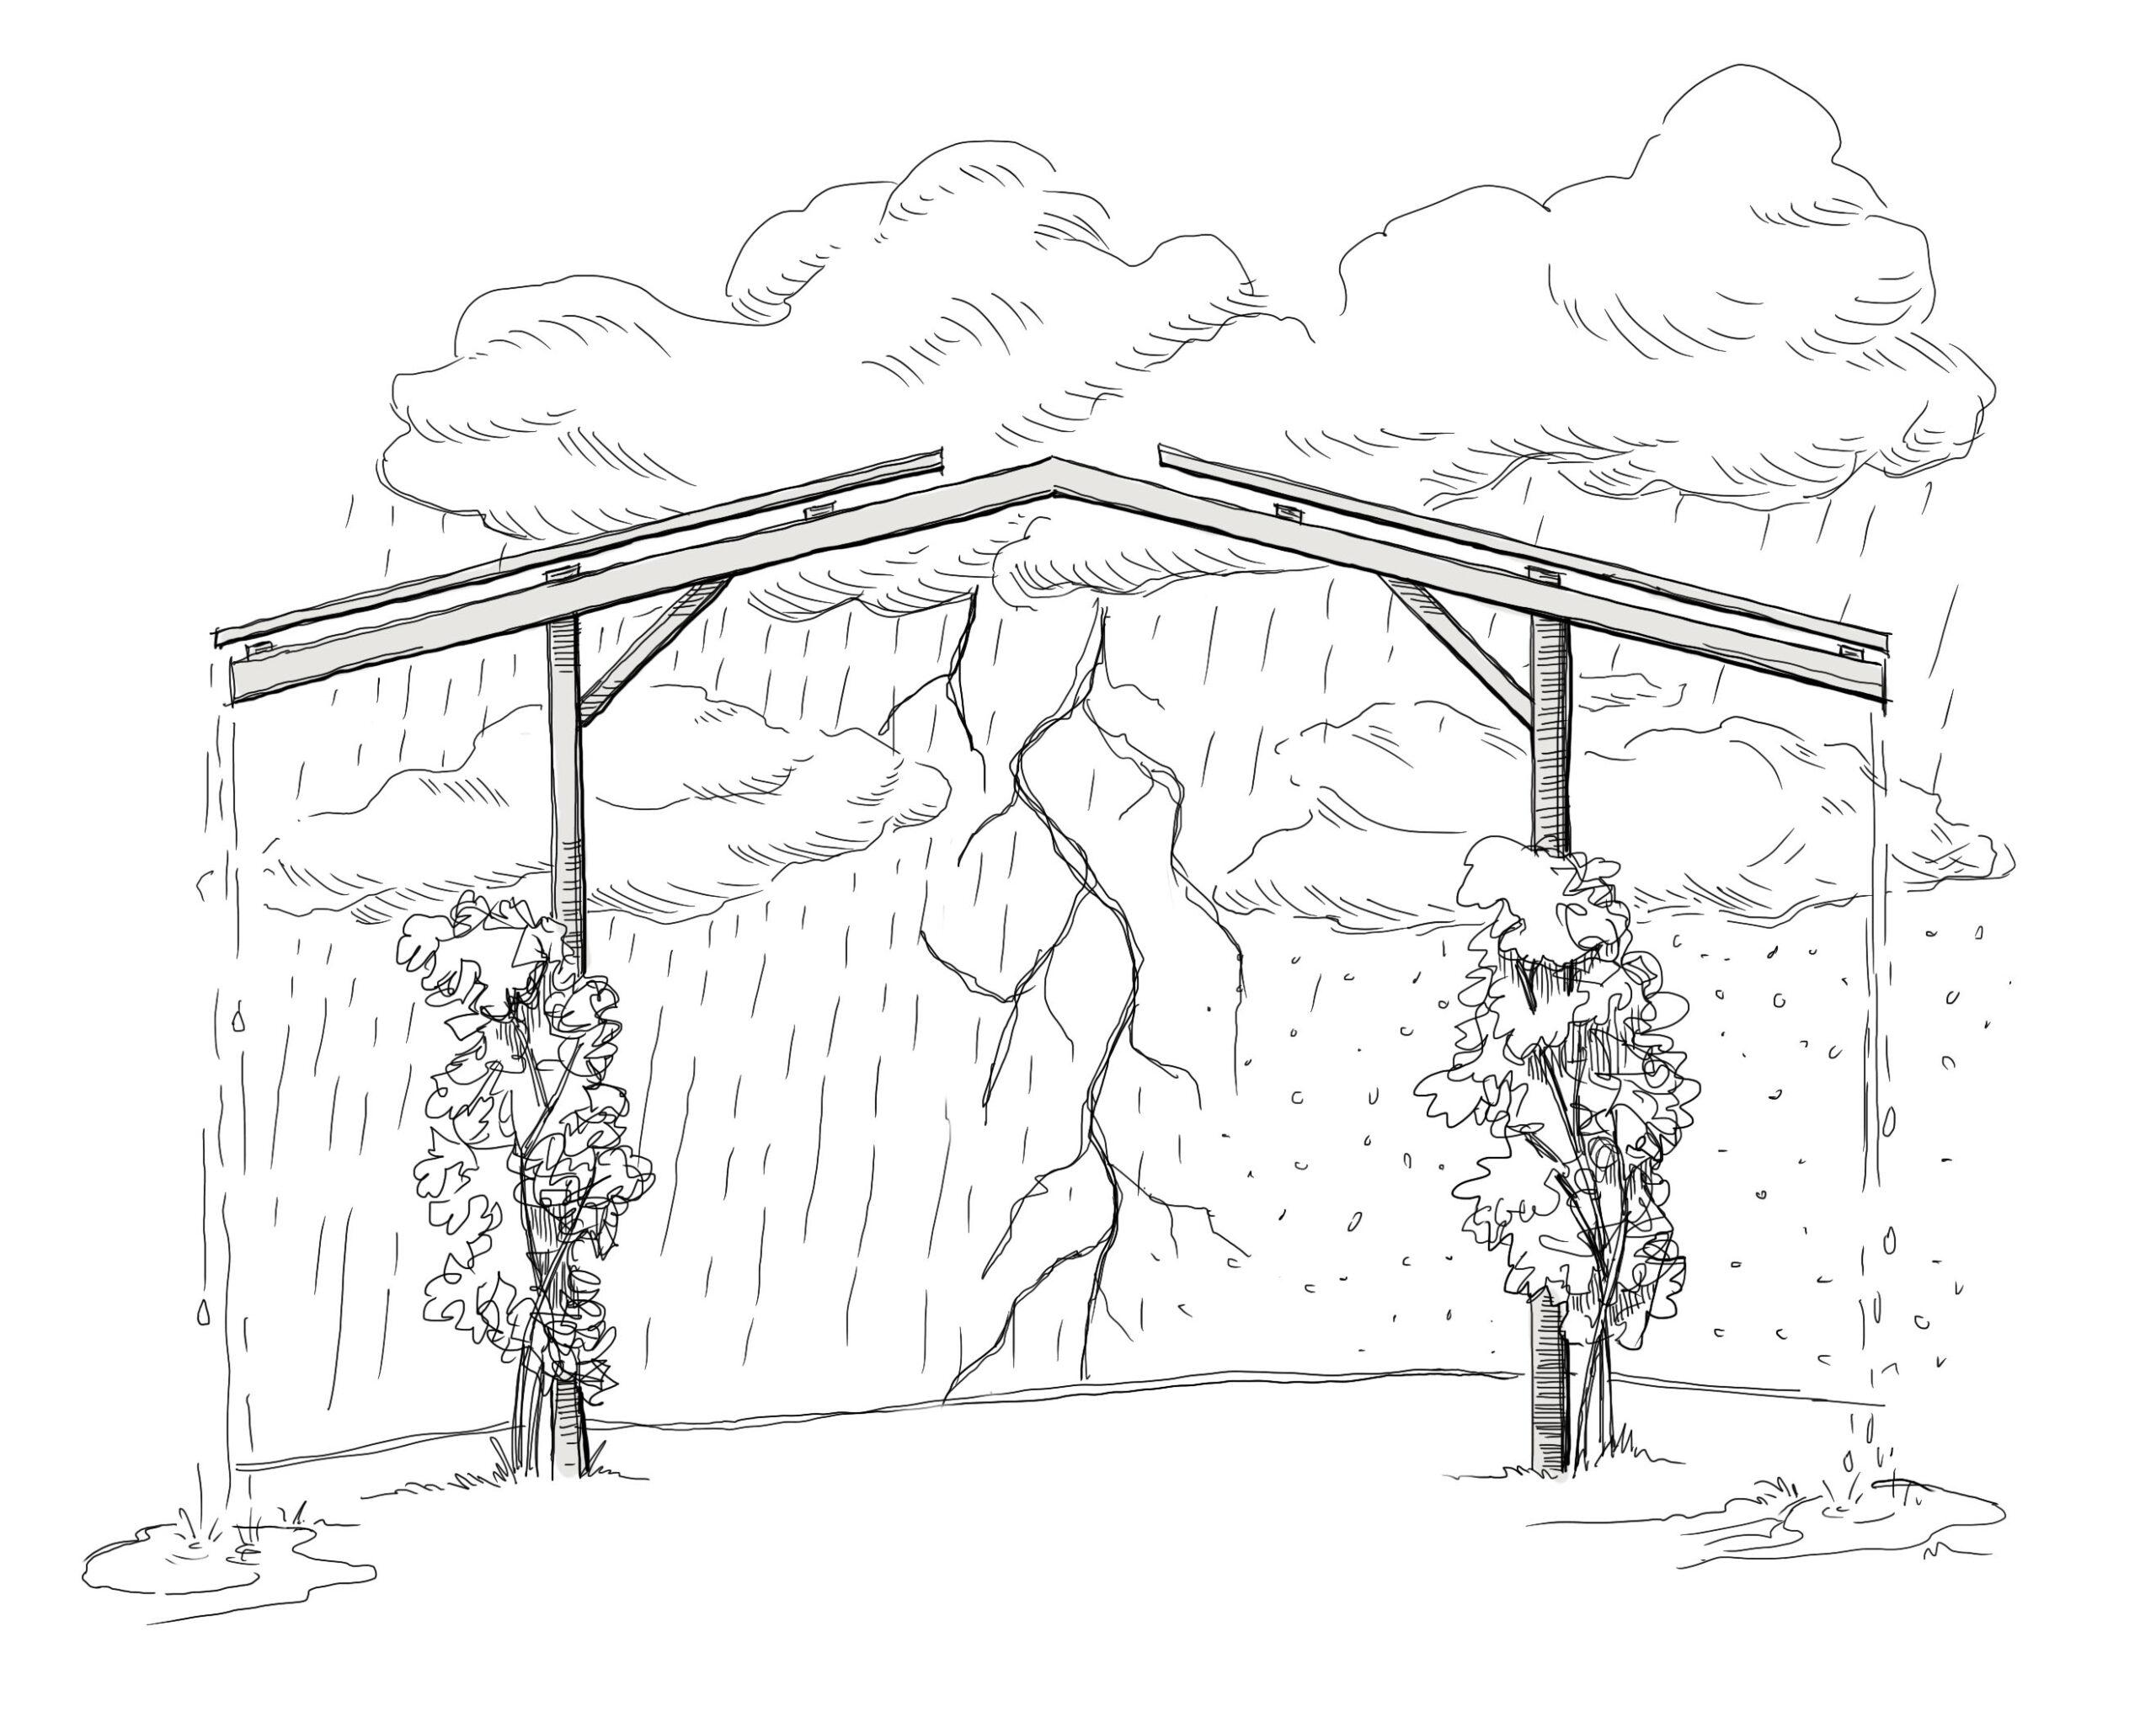 Vorteile-Agri-PV-Solardach-über-Agrarfläche extreme Witterung